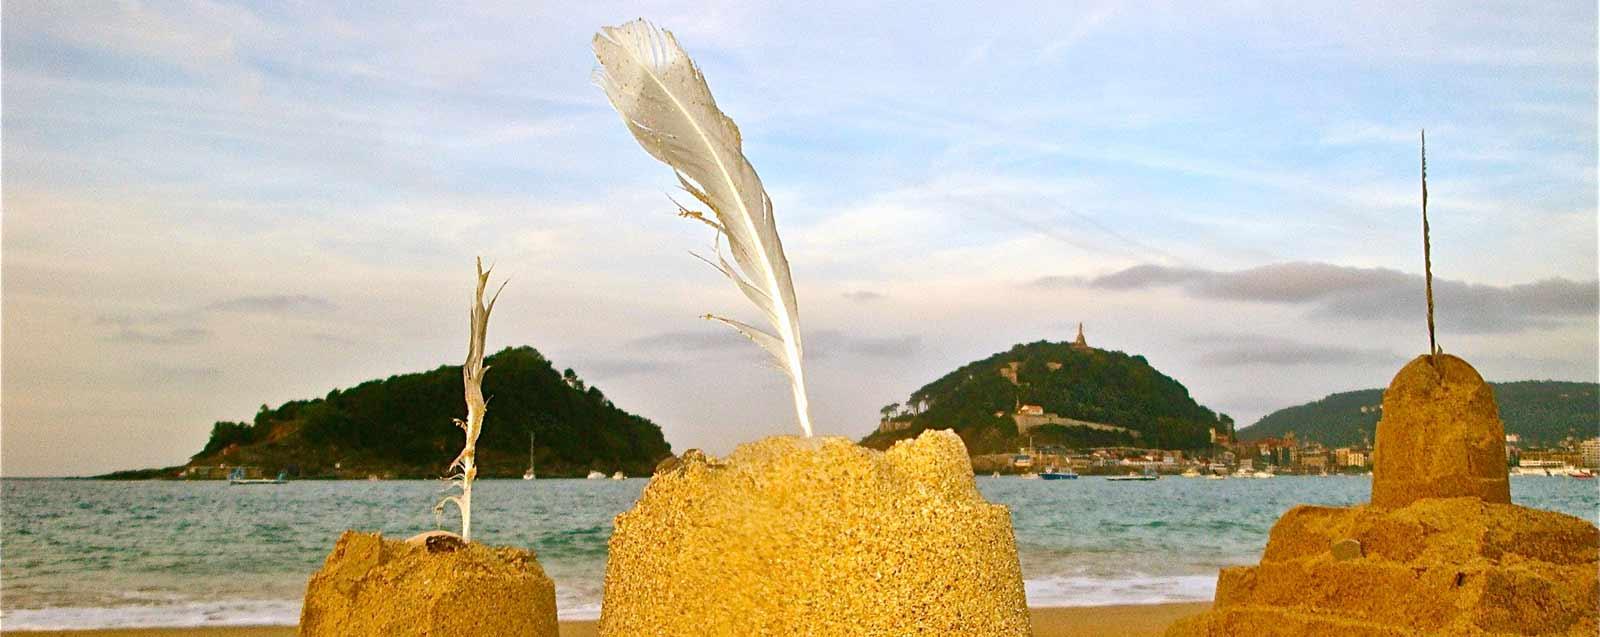 1600-Las-Piedras-de-la-Playa-de-Ondarreta-Foto-GipuzkoaDigital.com-©